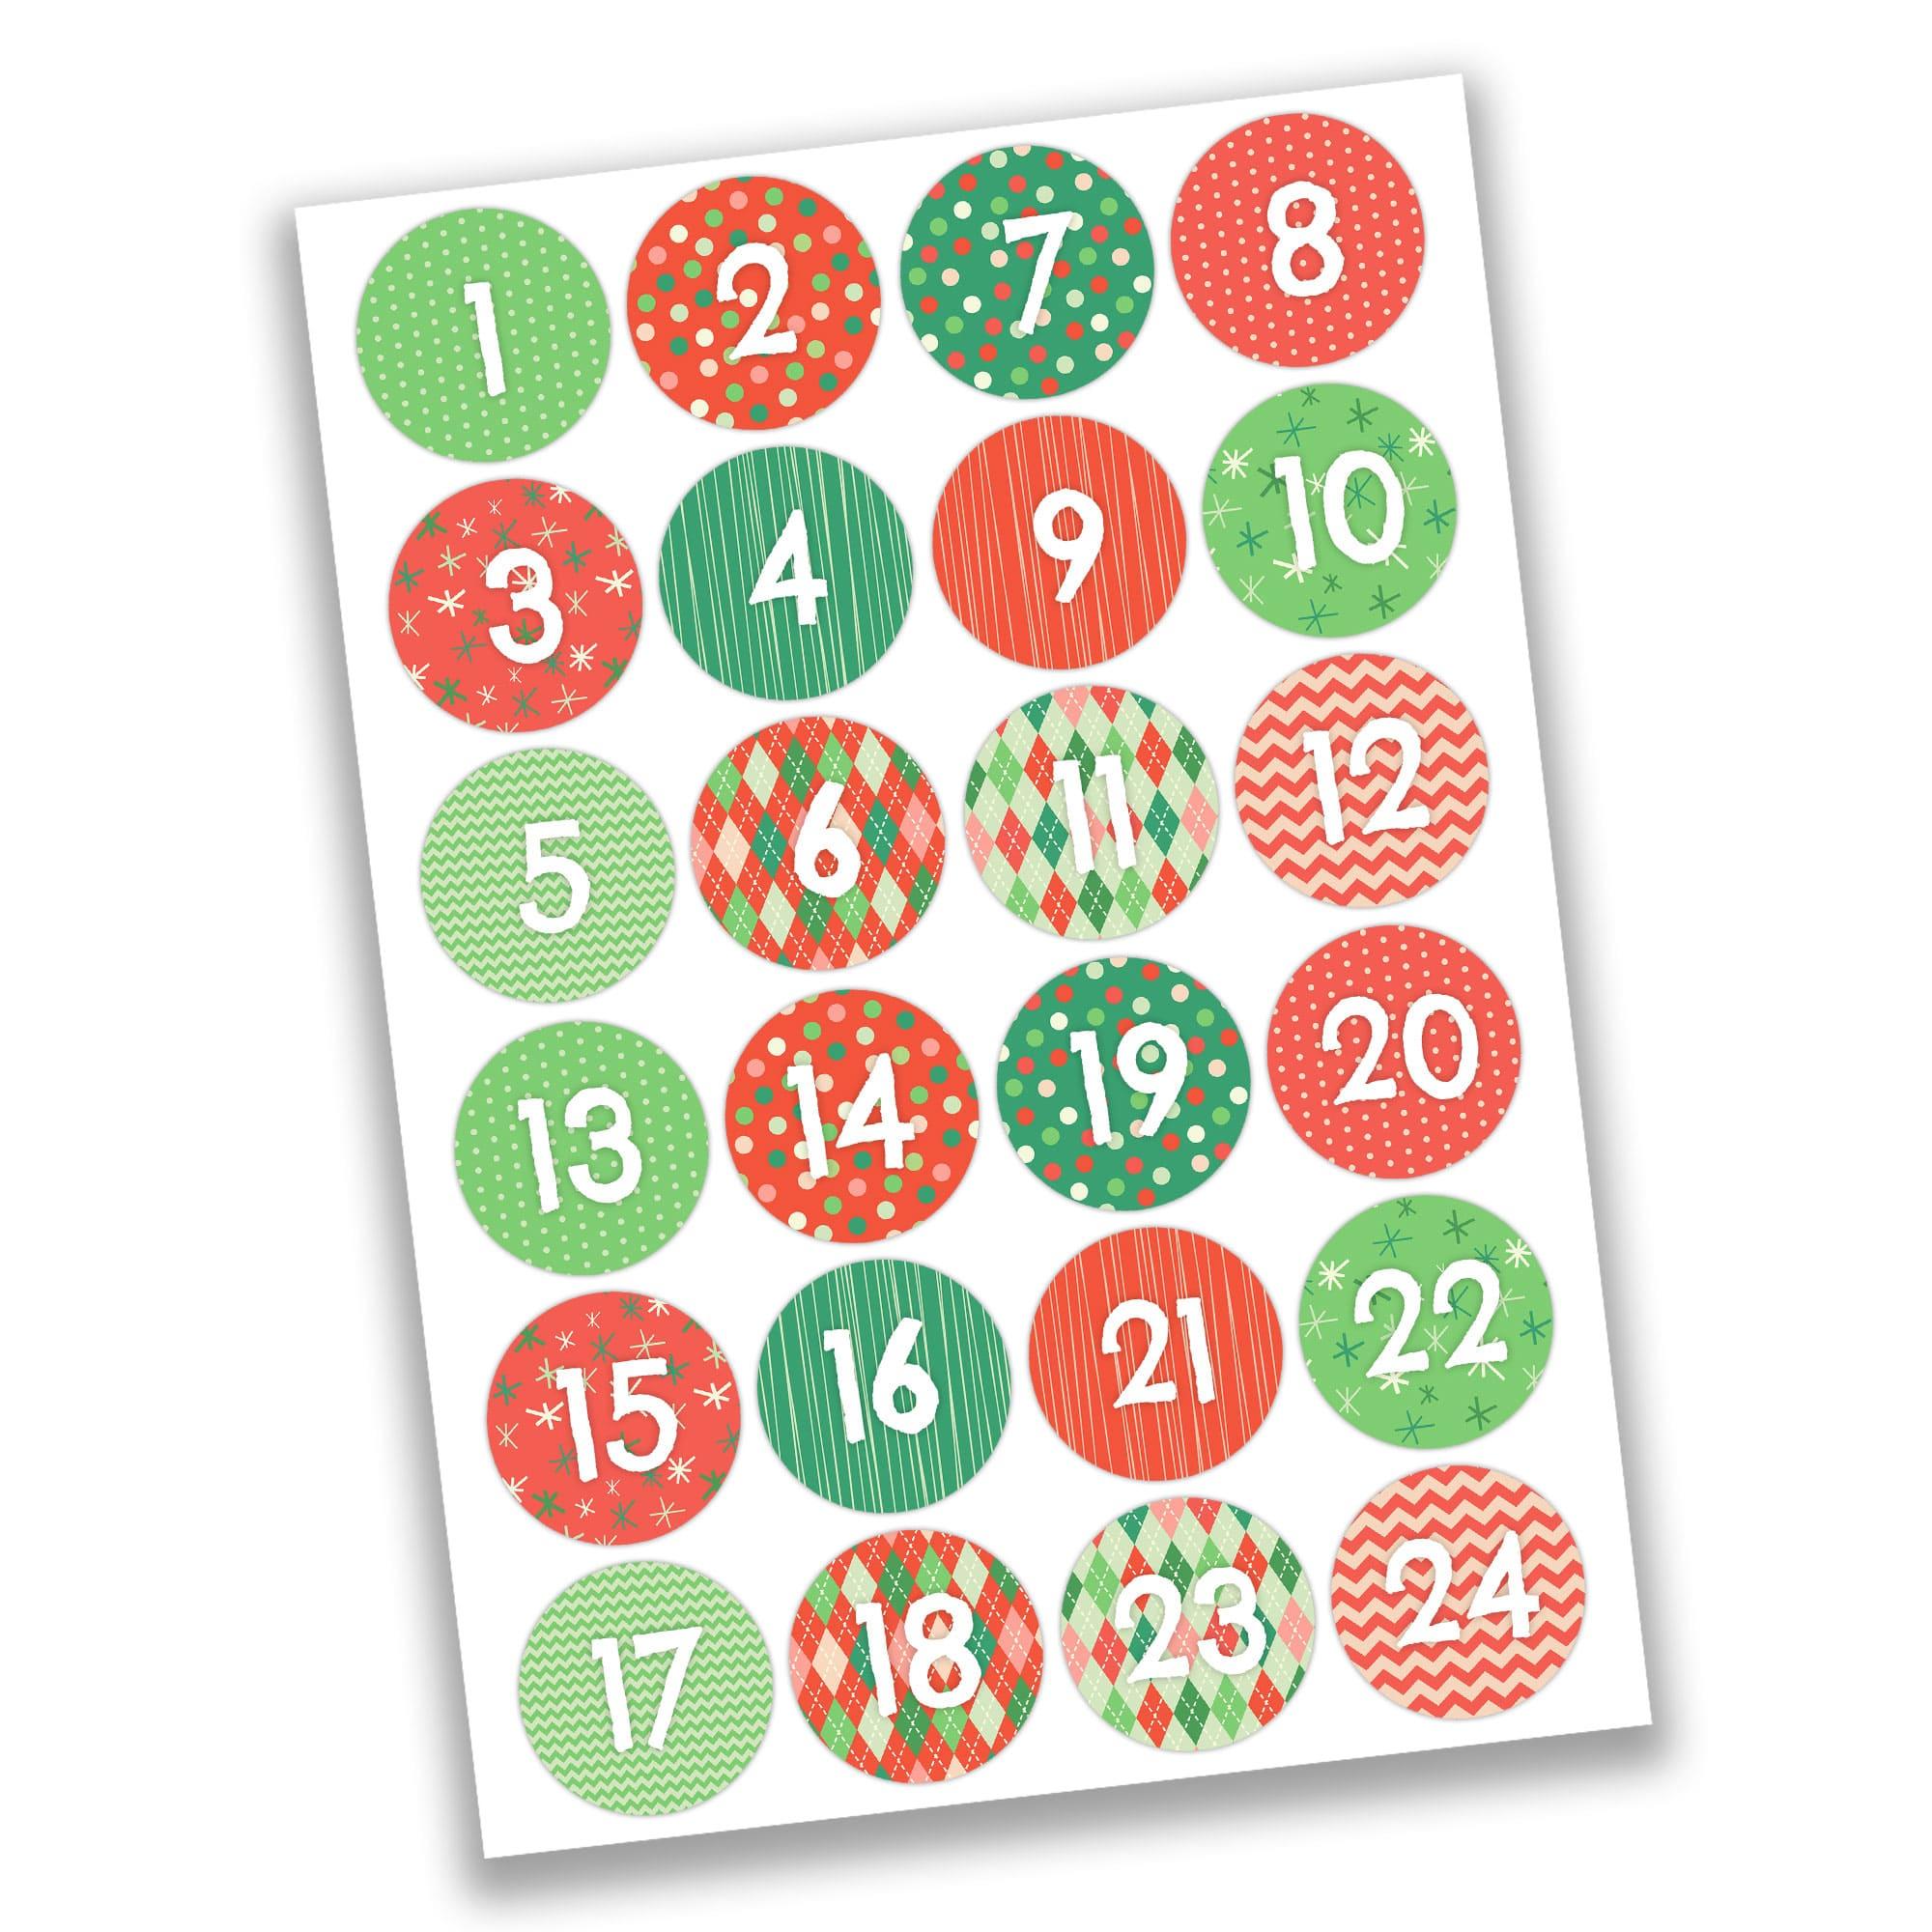 24 adventskalender stoffs ckchen zum aufh ngen klassisches weihnachten papierdrachen. Black Bedroom Furniture Sets. Home Design Ideas